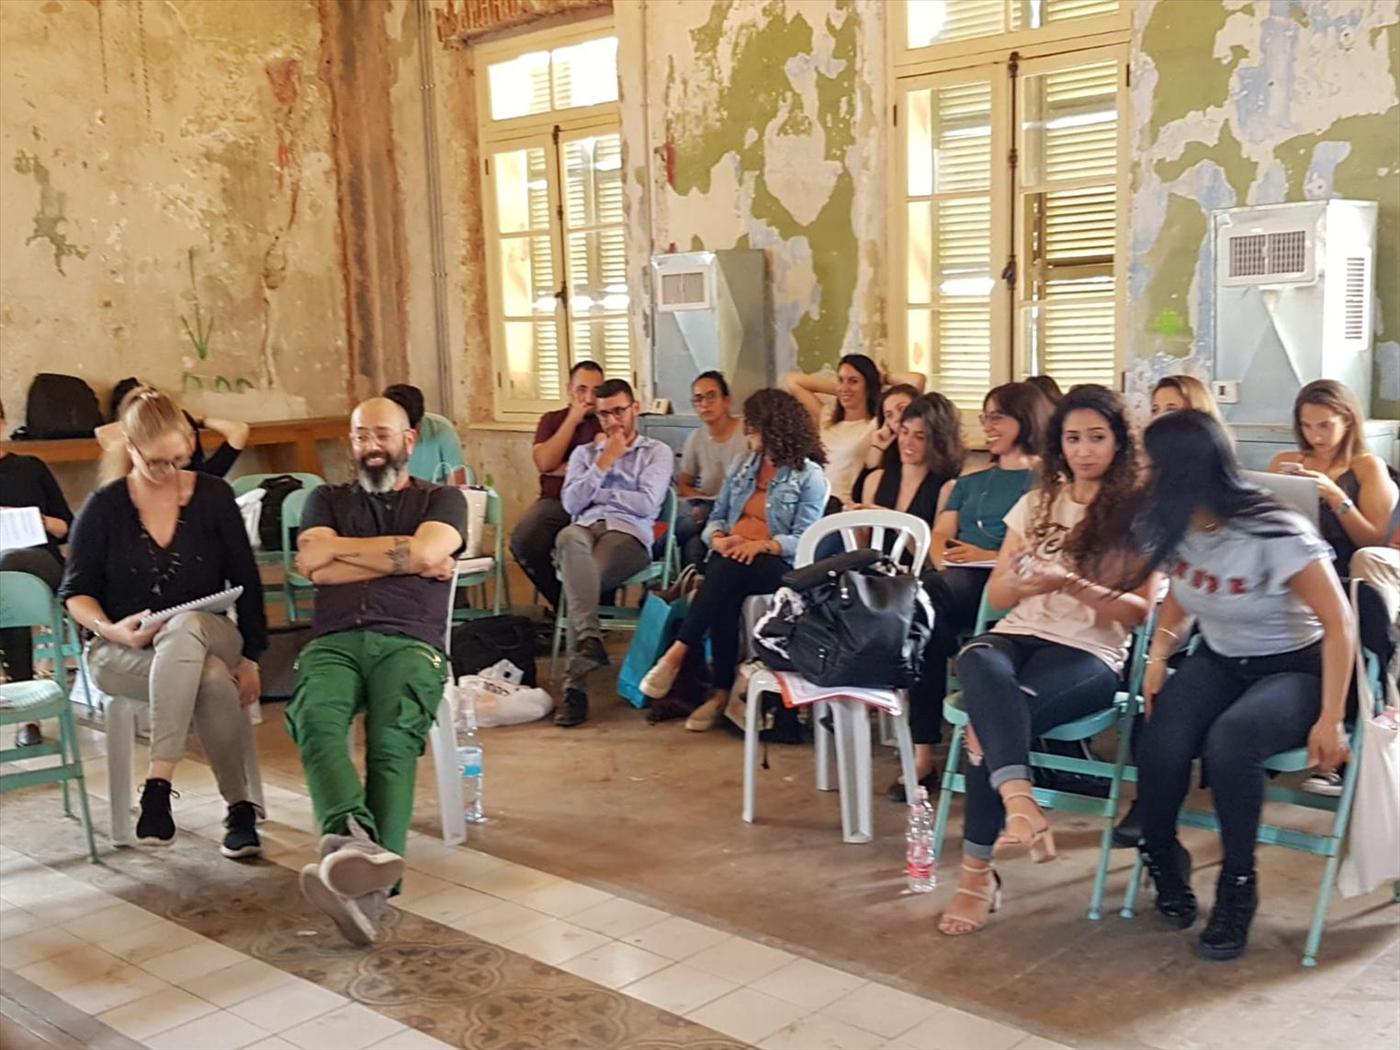 גלרייה - קורס הפקת אירועים מחזור 19 - סיכום מודול עסקי, 1 מתוך 7